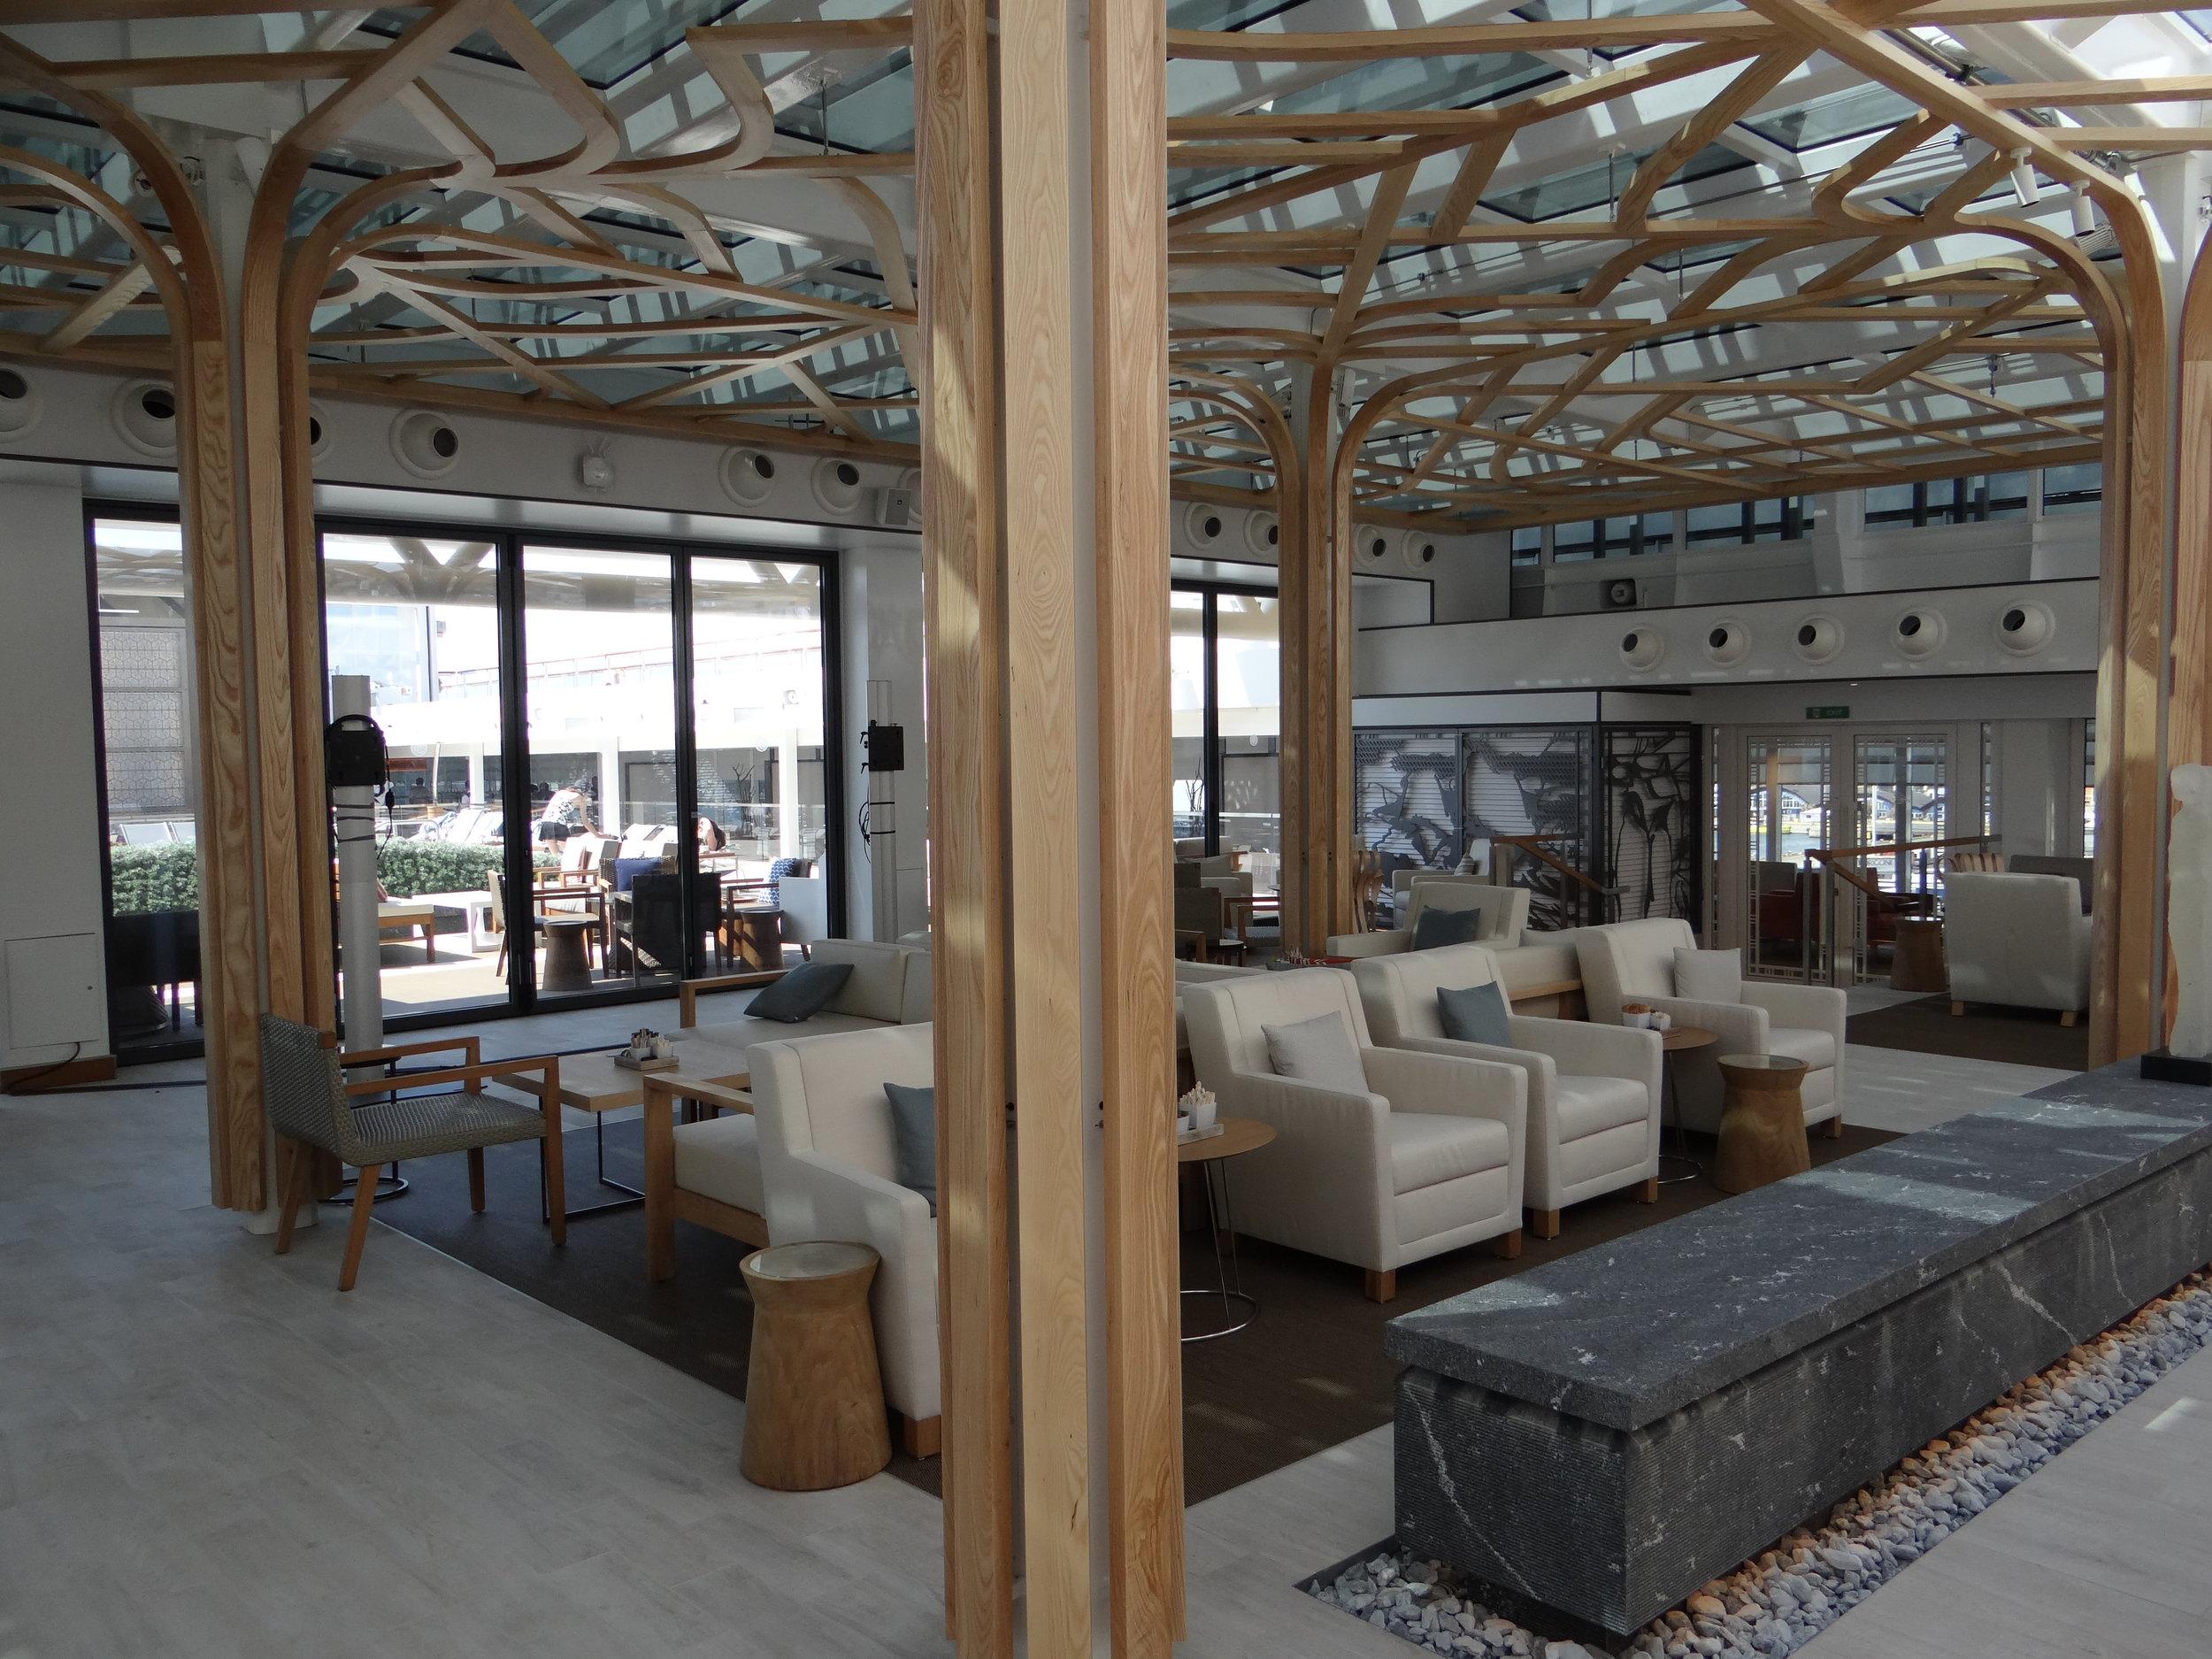 viking orion interior decor.JPG